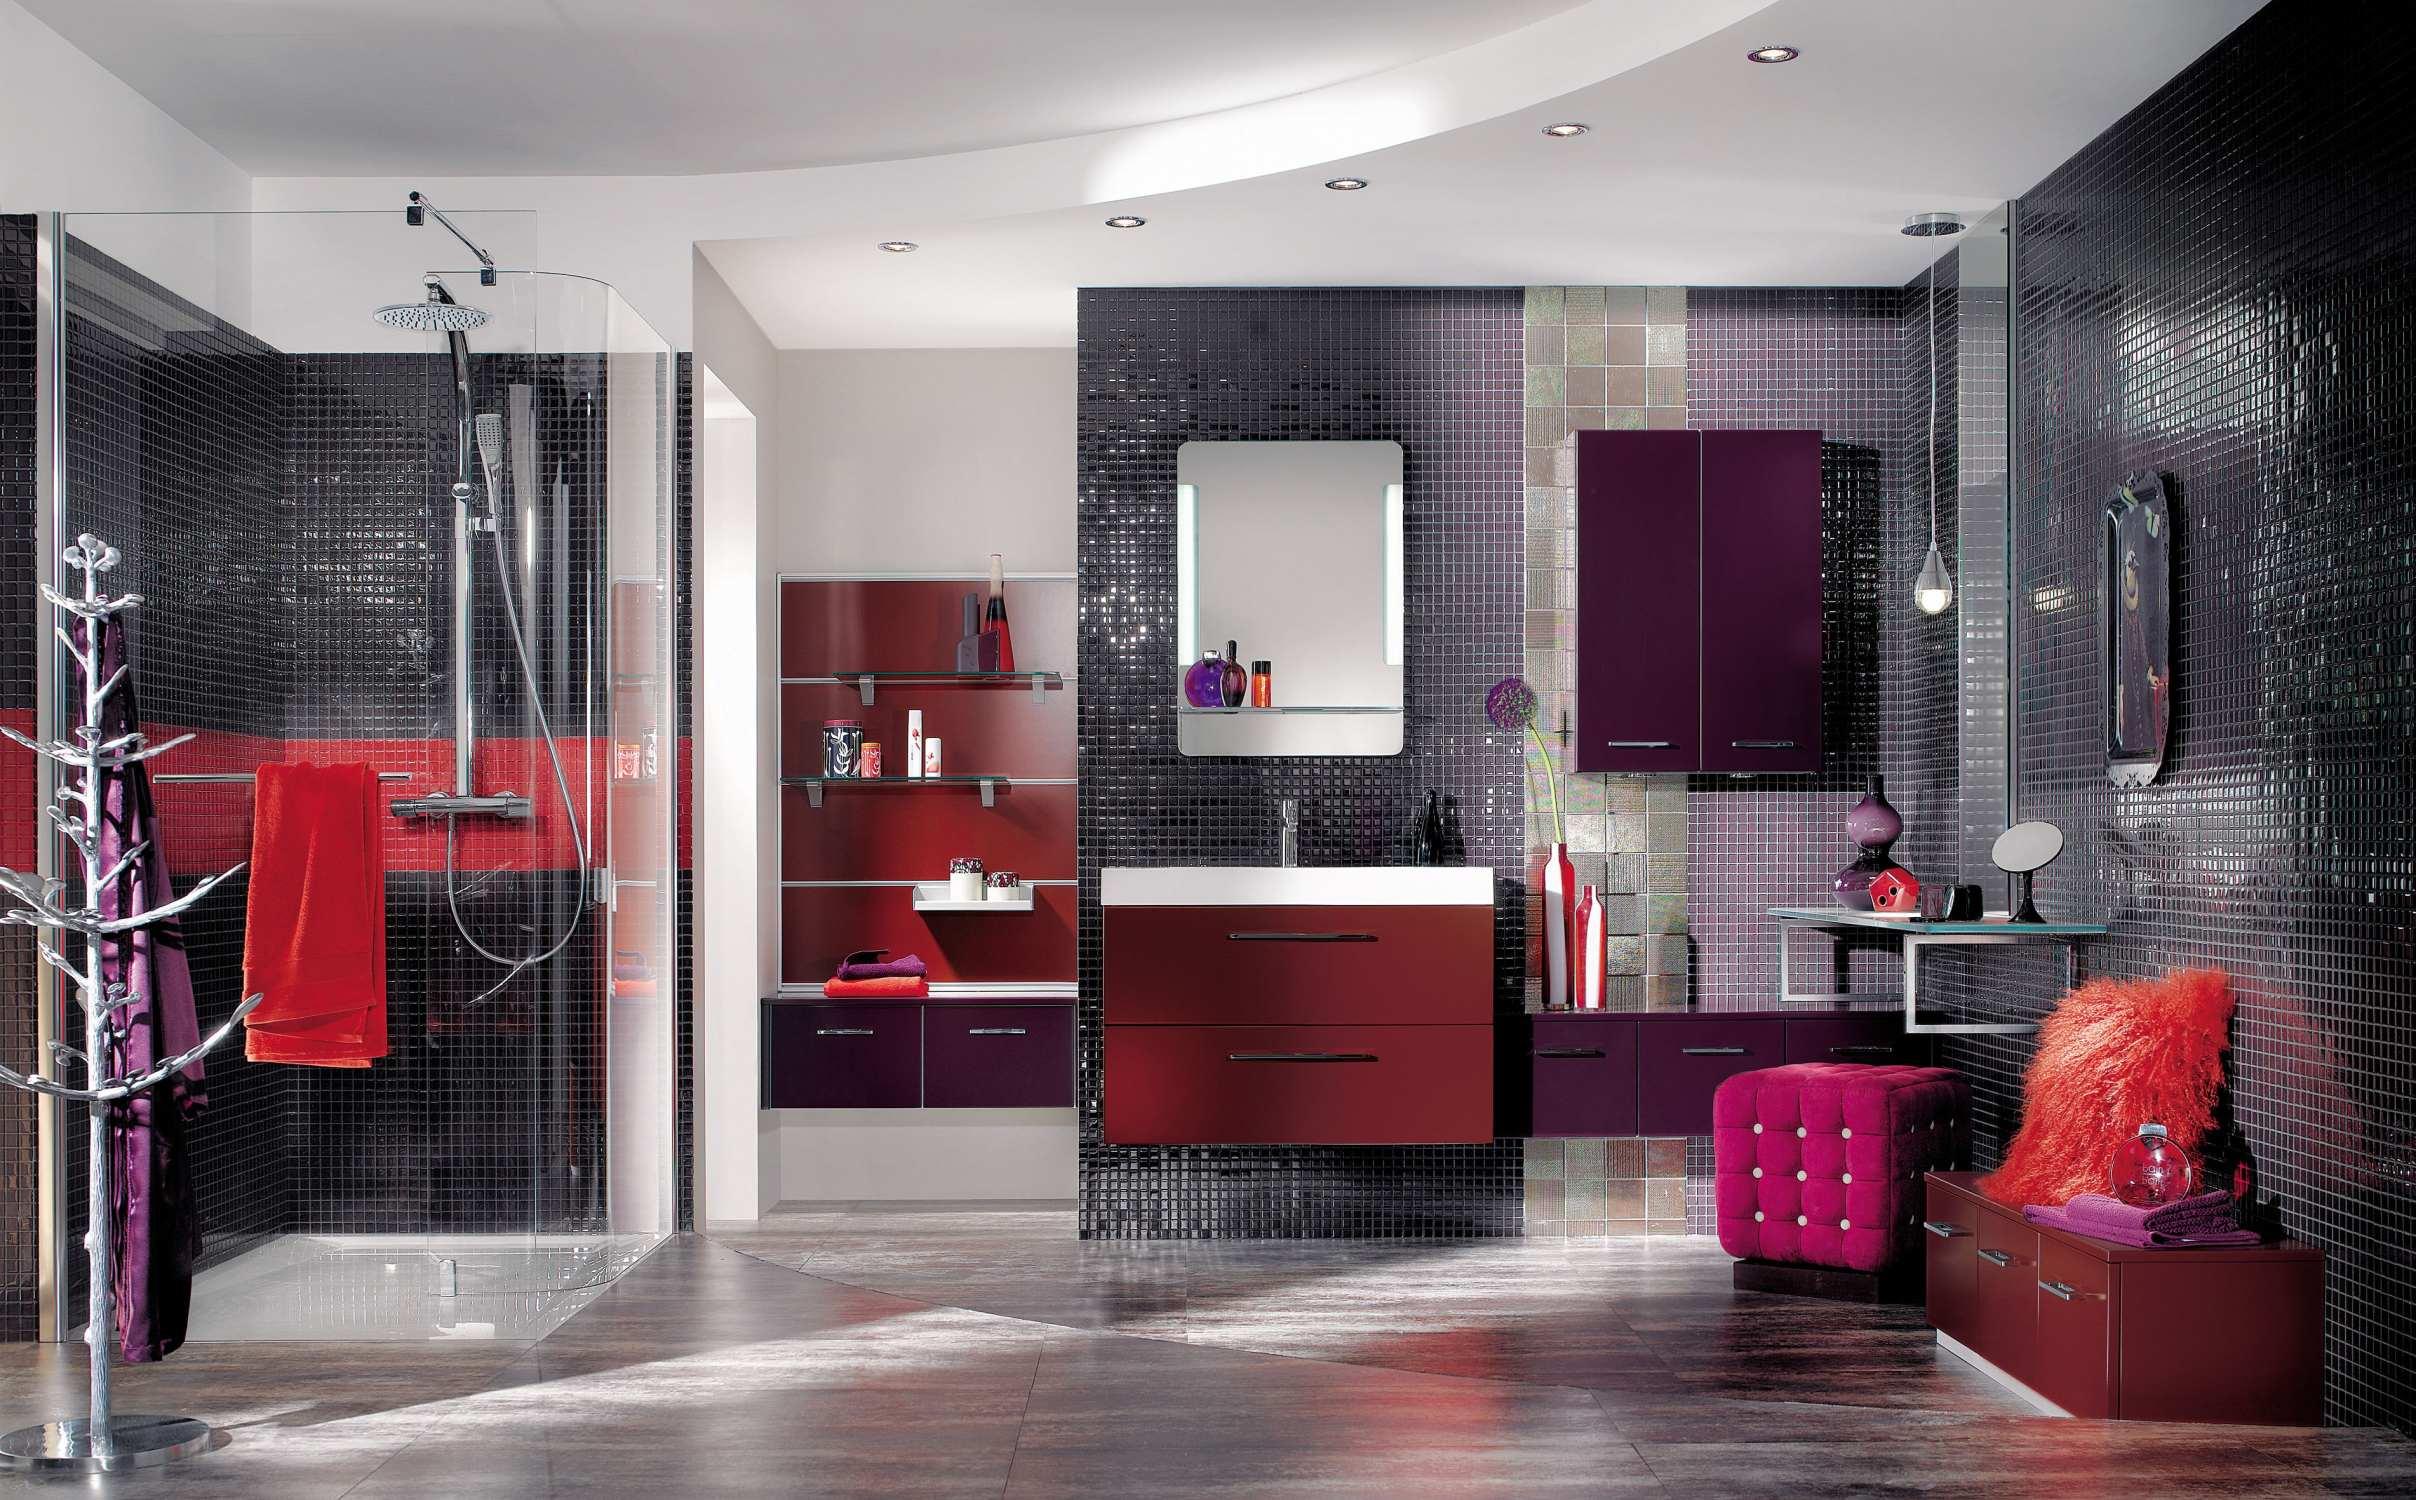 La douche lot nouvelle tendance de la salle de bains for Salle de bain 6m2 douche a l italienne